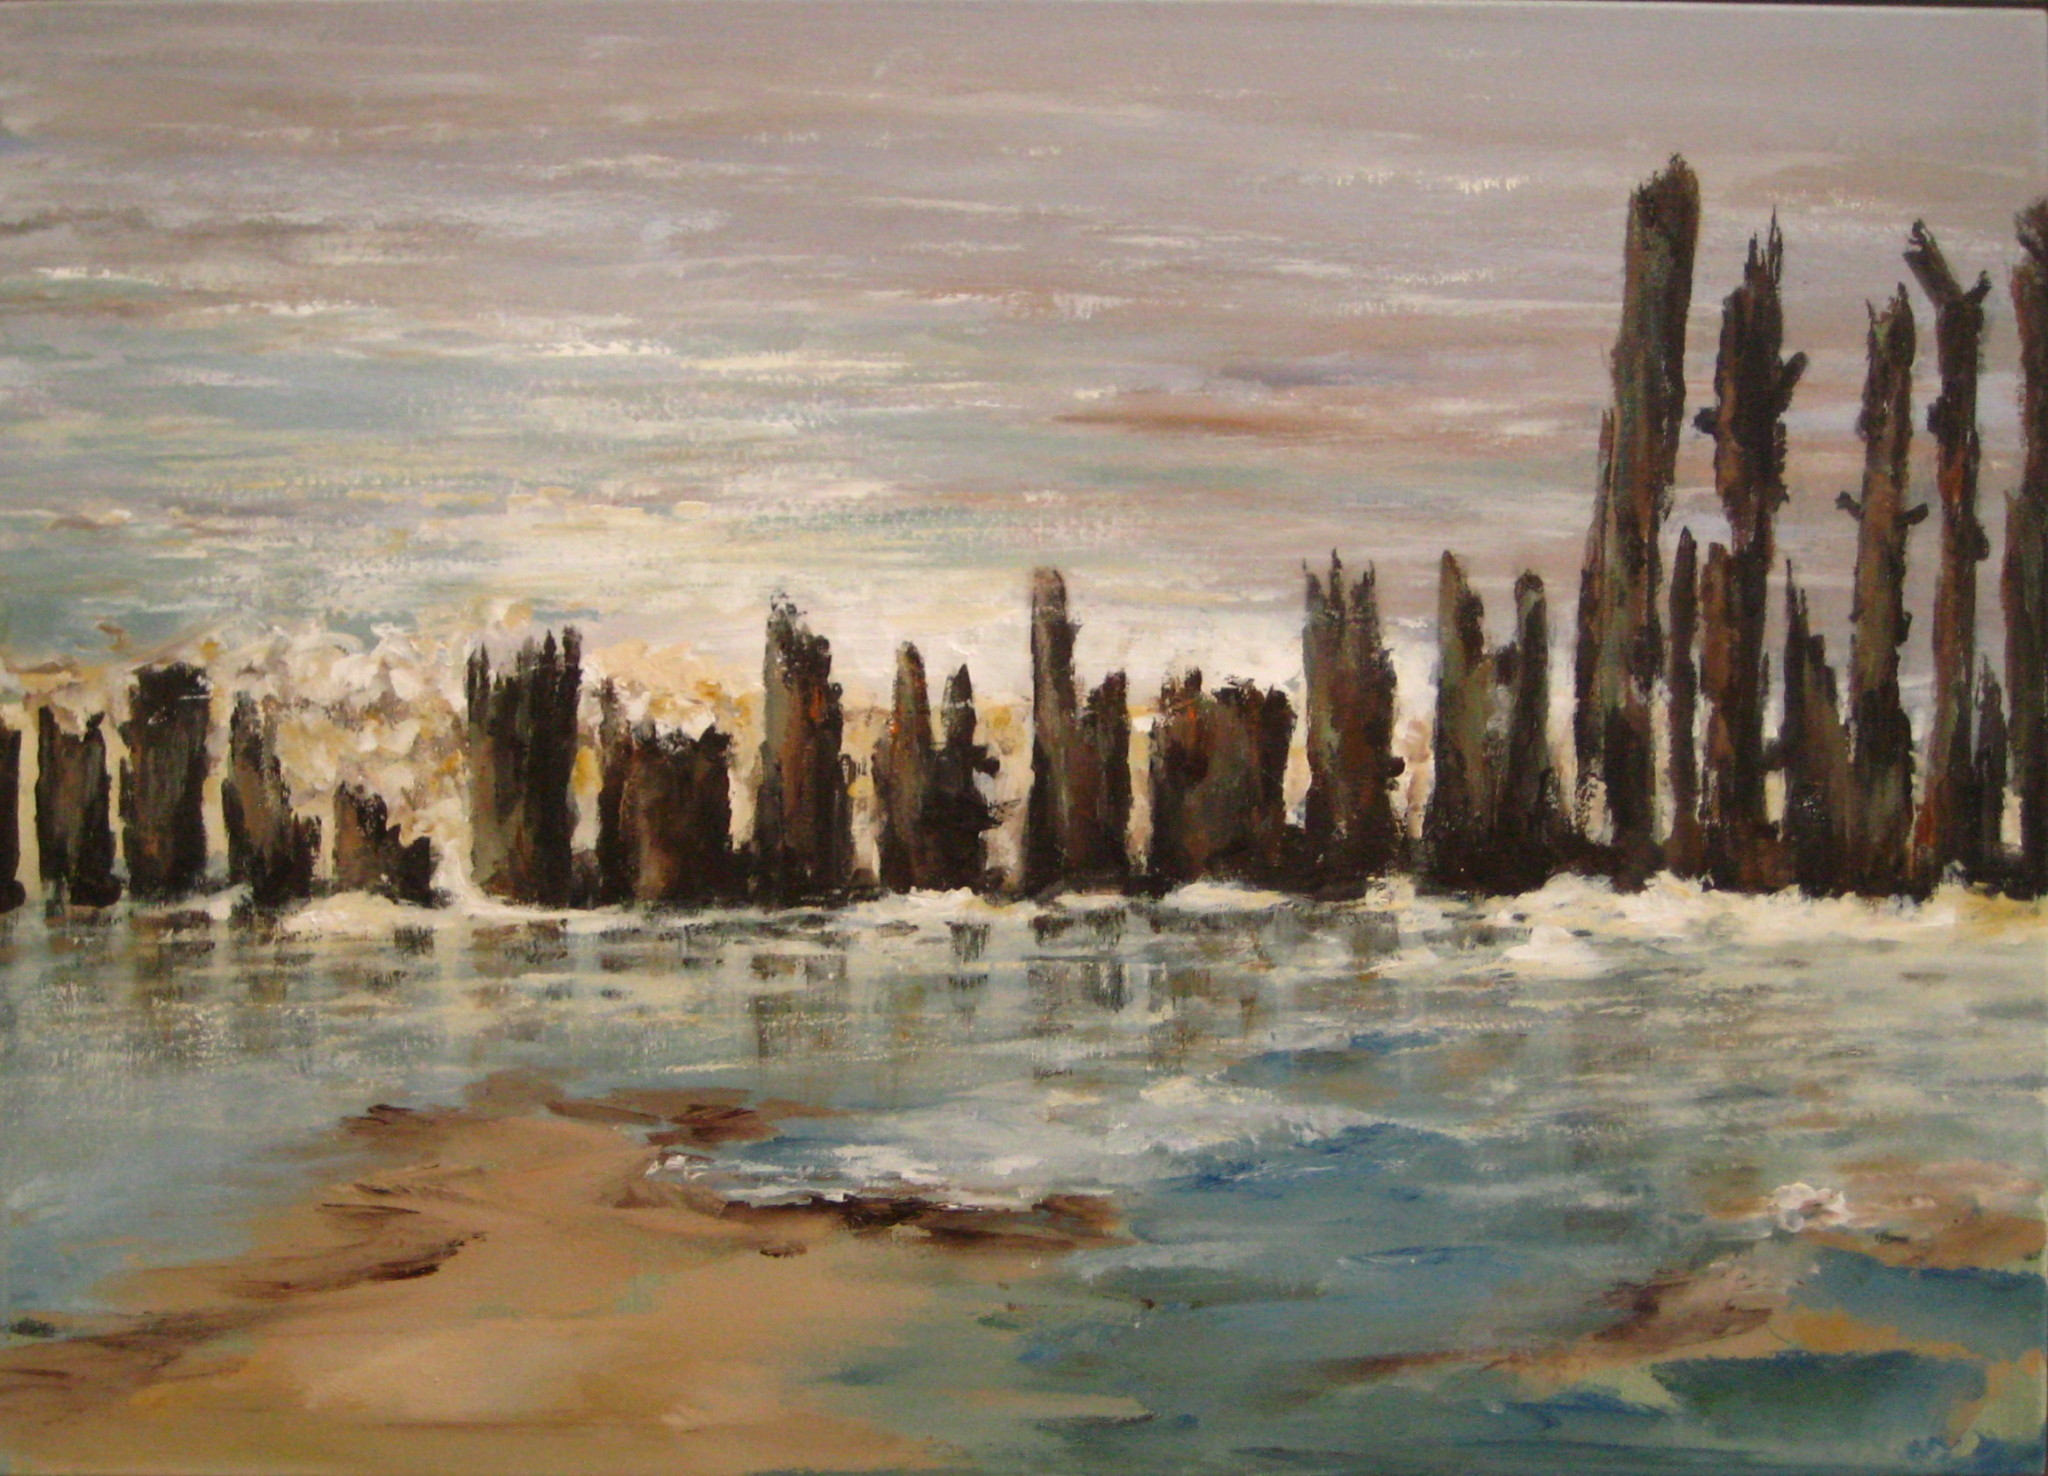 palen in het wad 50x70cm acryl op doek 2010